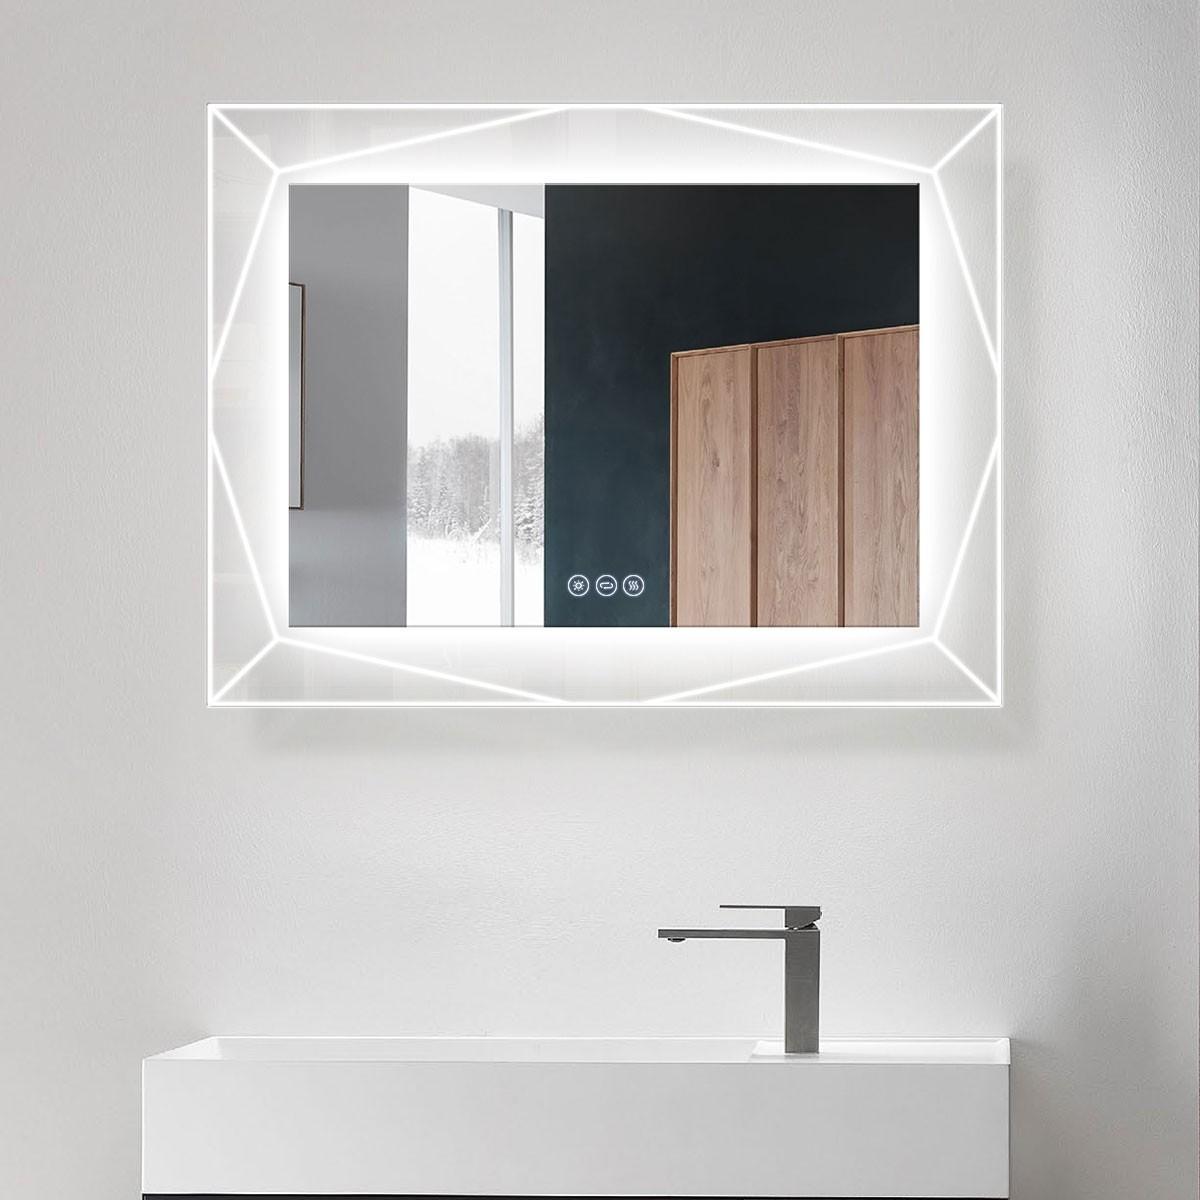 DECORAPORT 36 x 28 Po Miroir de Salle de Bain LED avec Bouton Tactile, Haut-Parleur Bluetooth, Lumières Tricolores, Anti-Buée, Luminosité Réglable, Montage Vertical & Horizontal (D1517-3628AB)